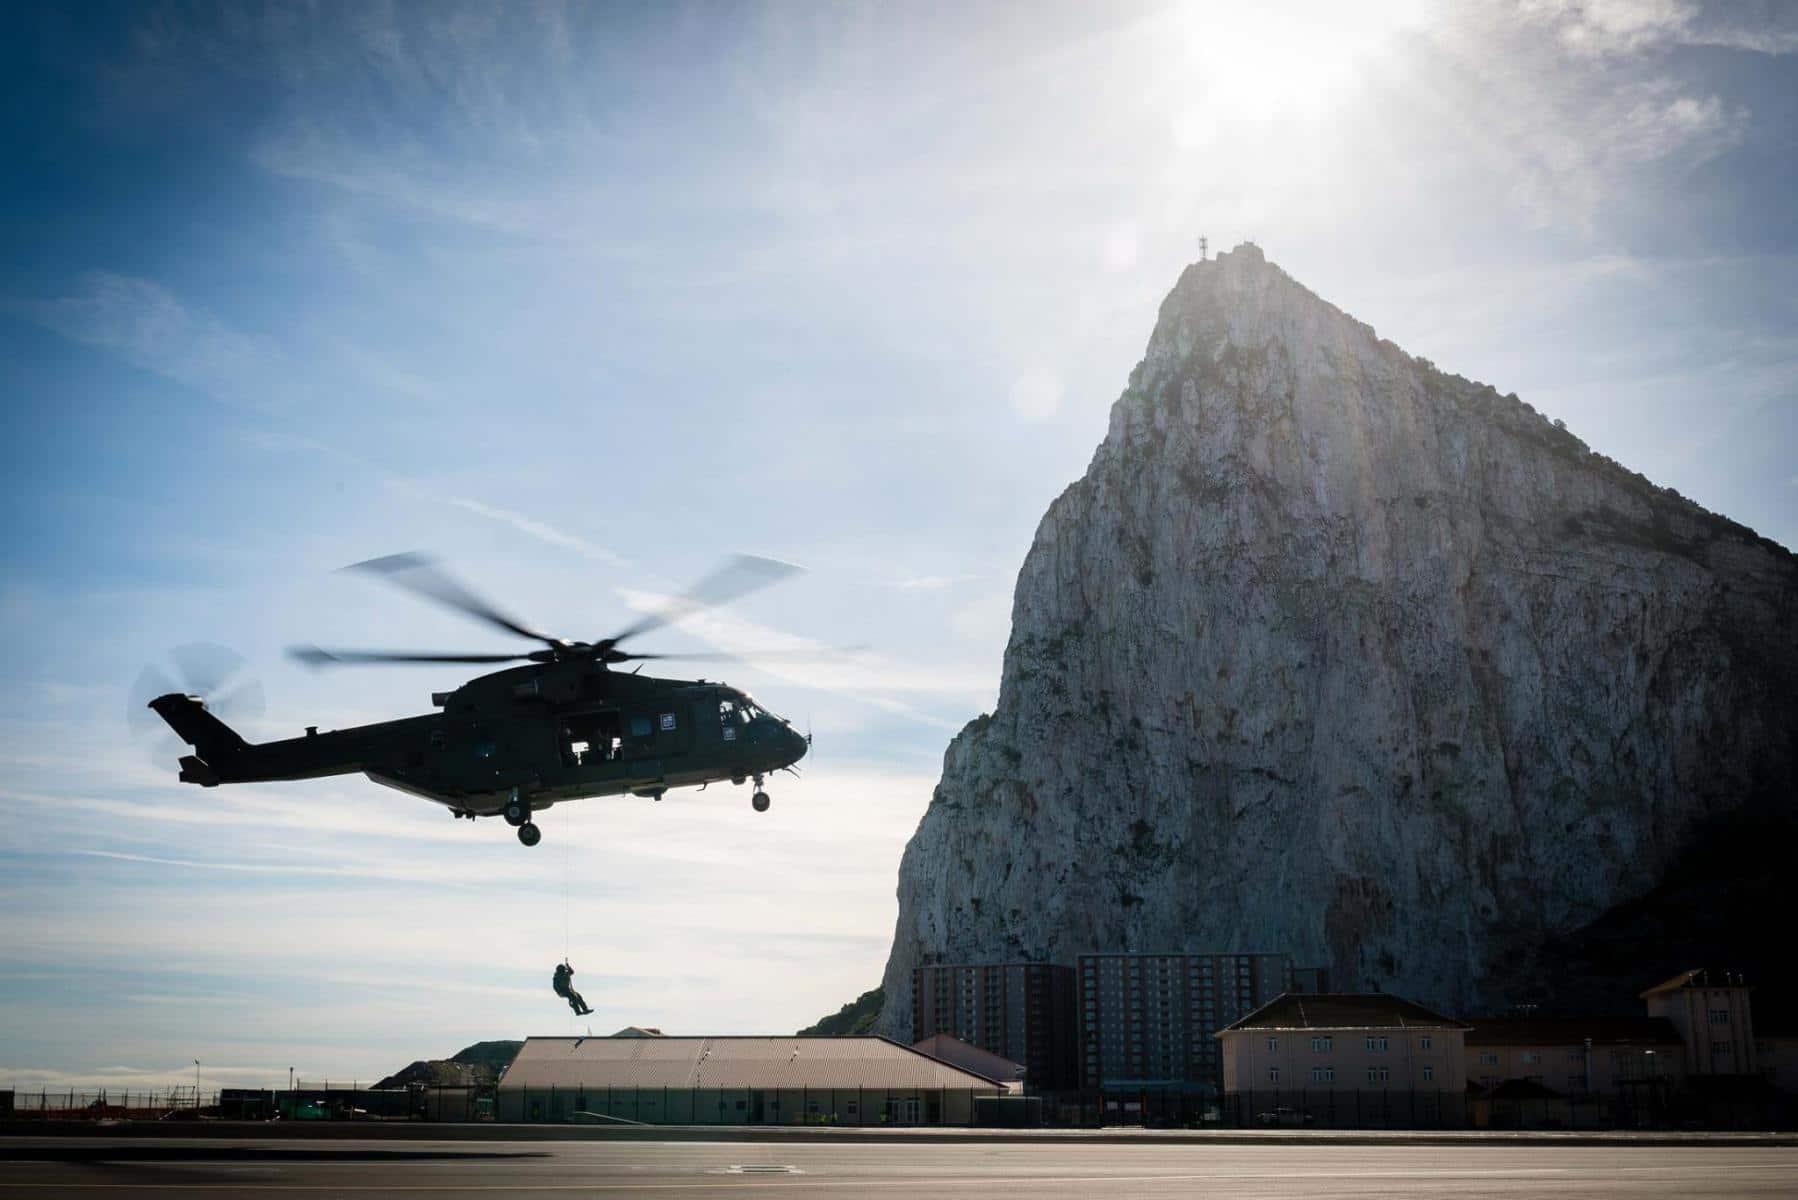 15-de-enero-2016-simulacro-de-rescate-con-helicpteros-merlin-mk3-en-gibraltar-07_24315970501_o